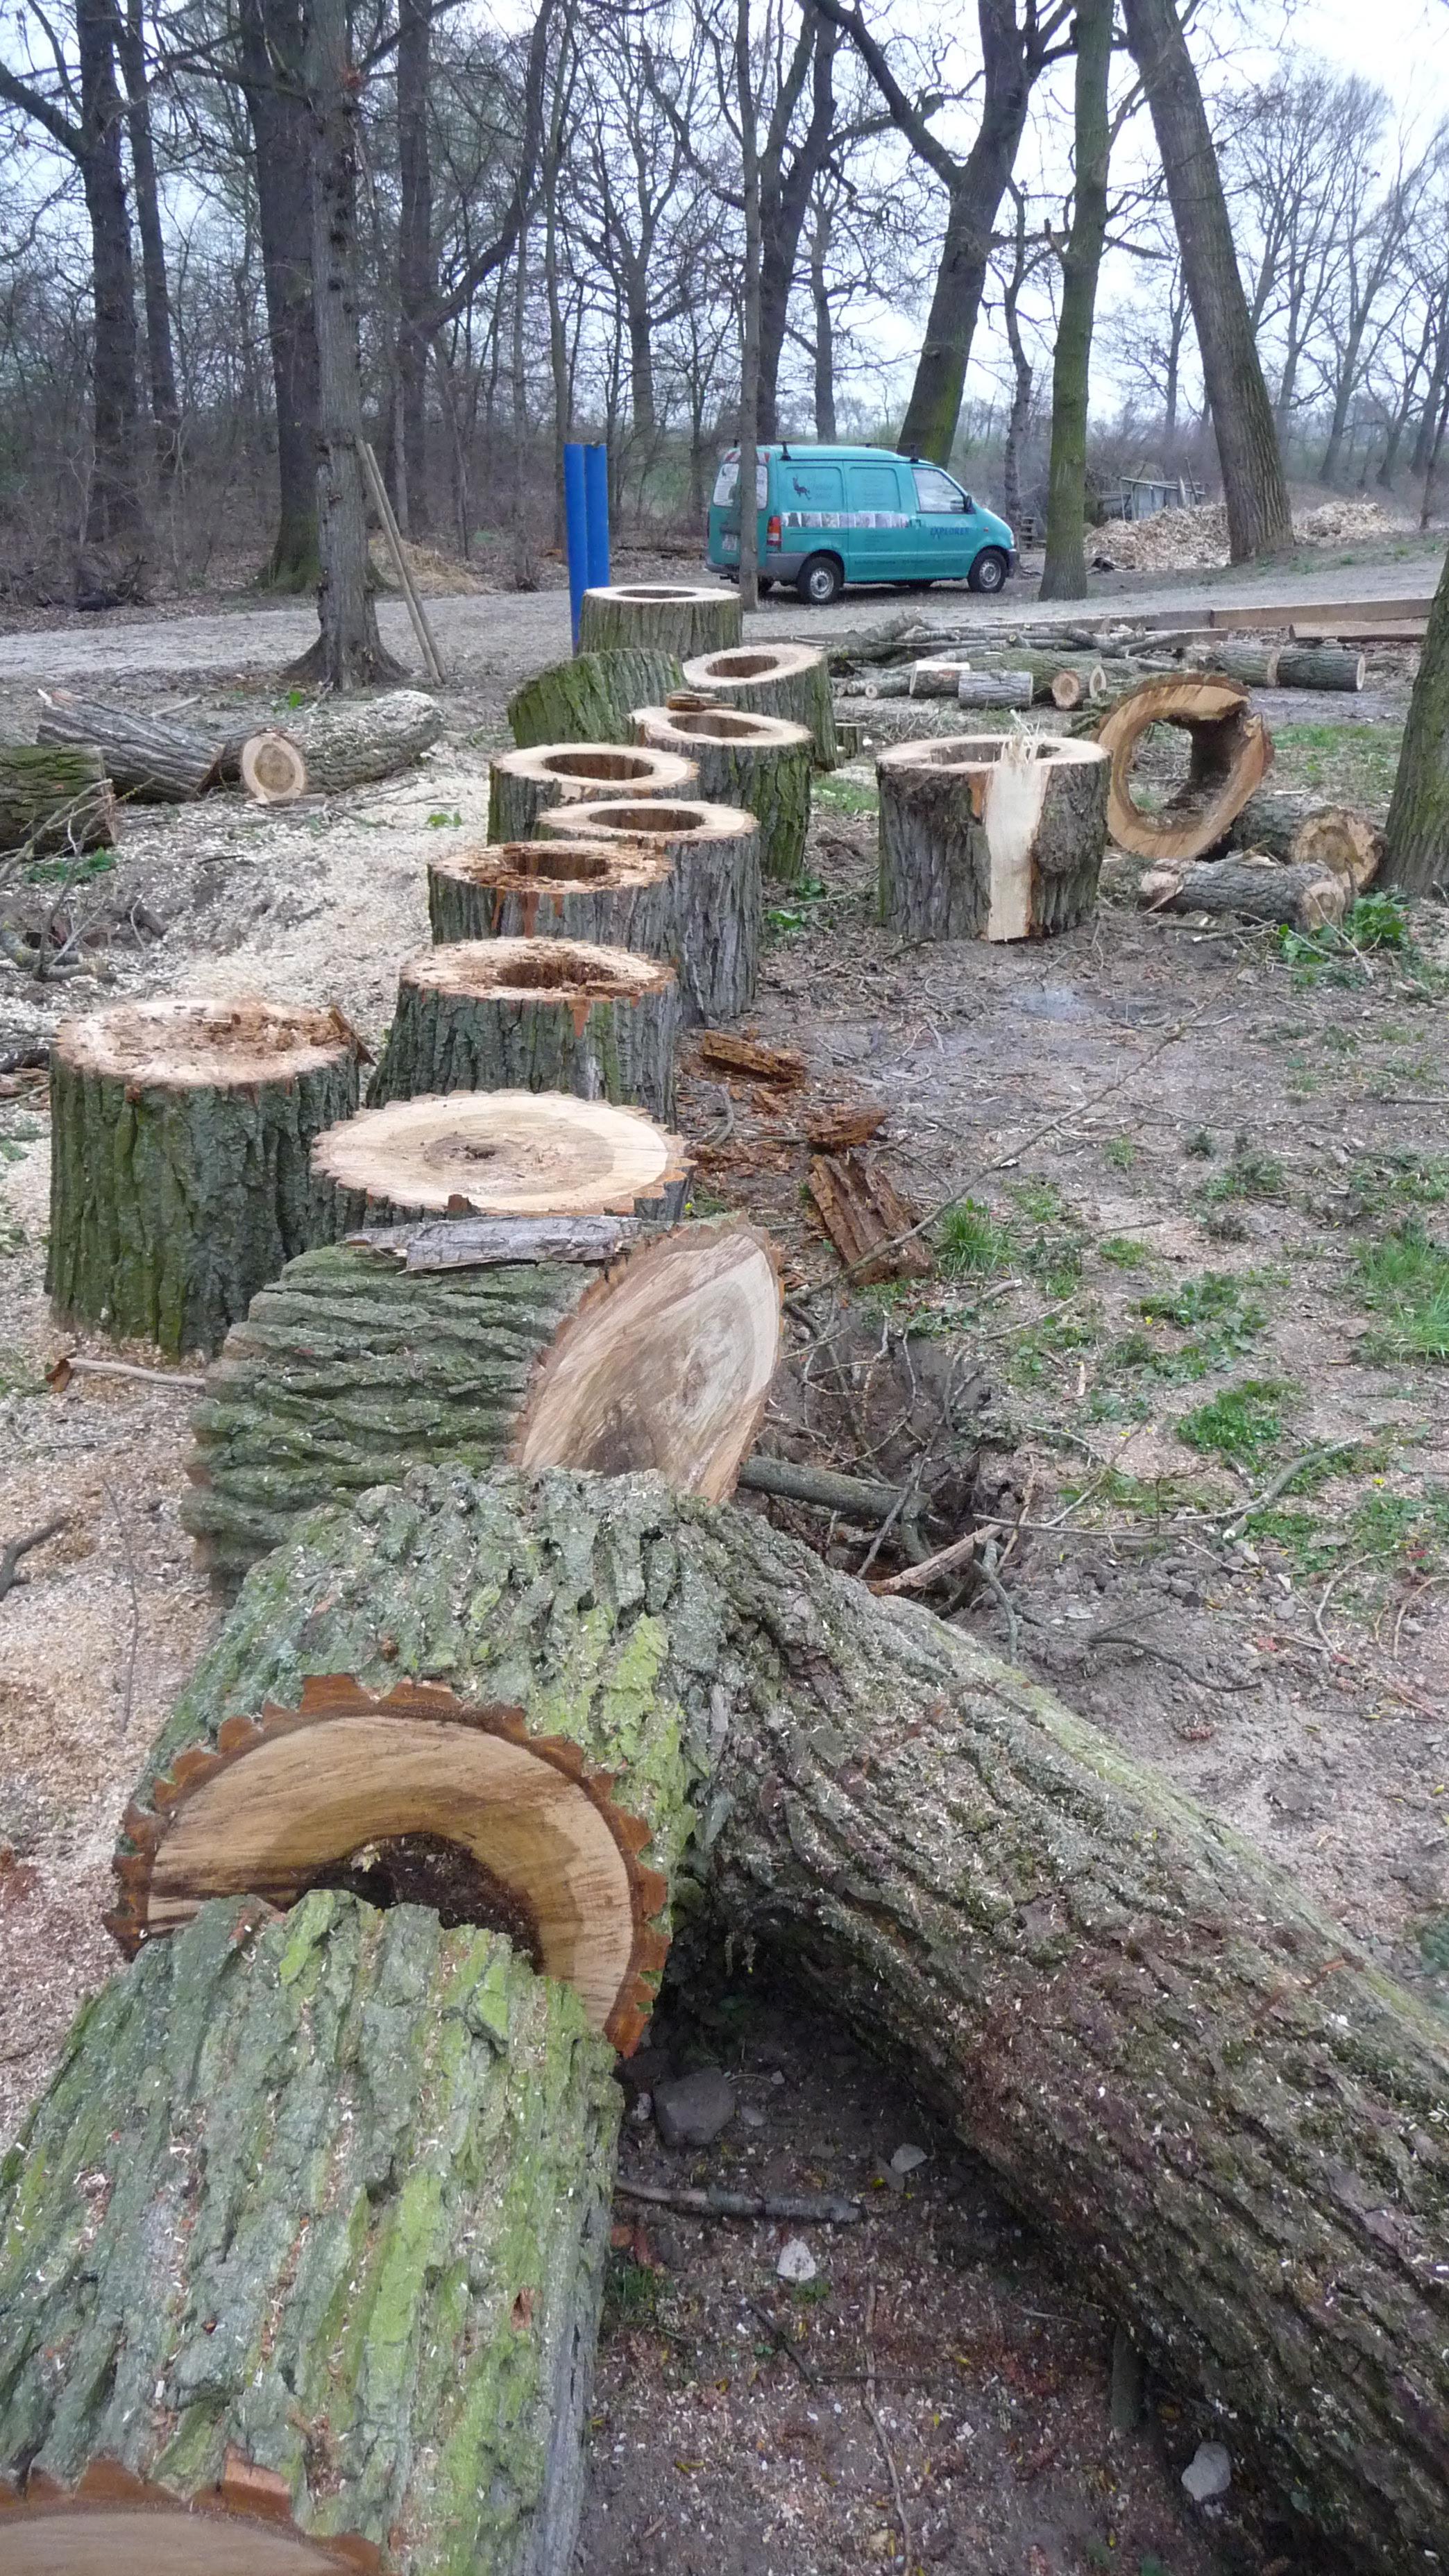 Berühmt Baumdienst RICHTER im Landkreis Elbe-Elster - Baumfällung MG53